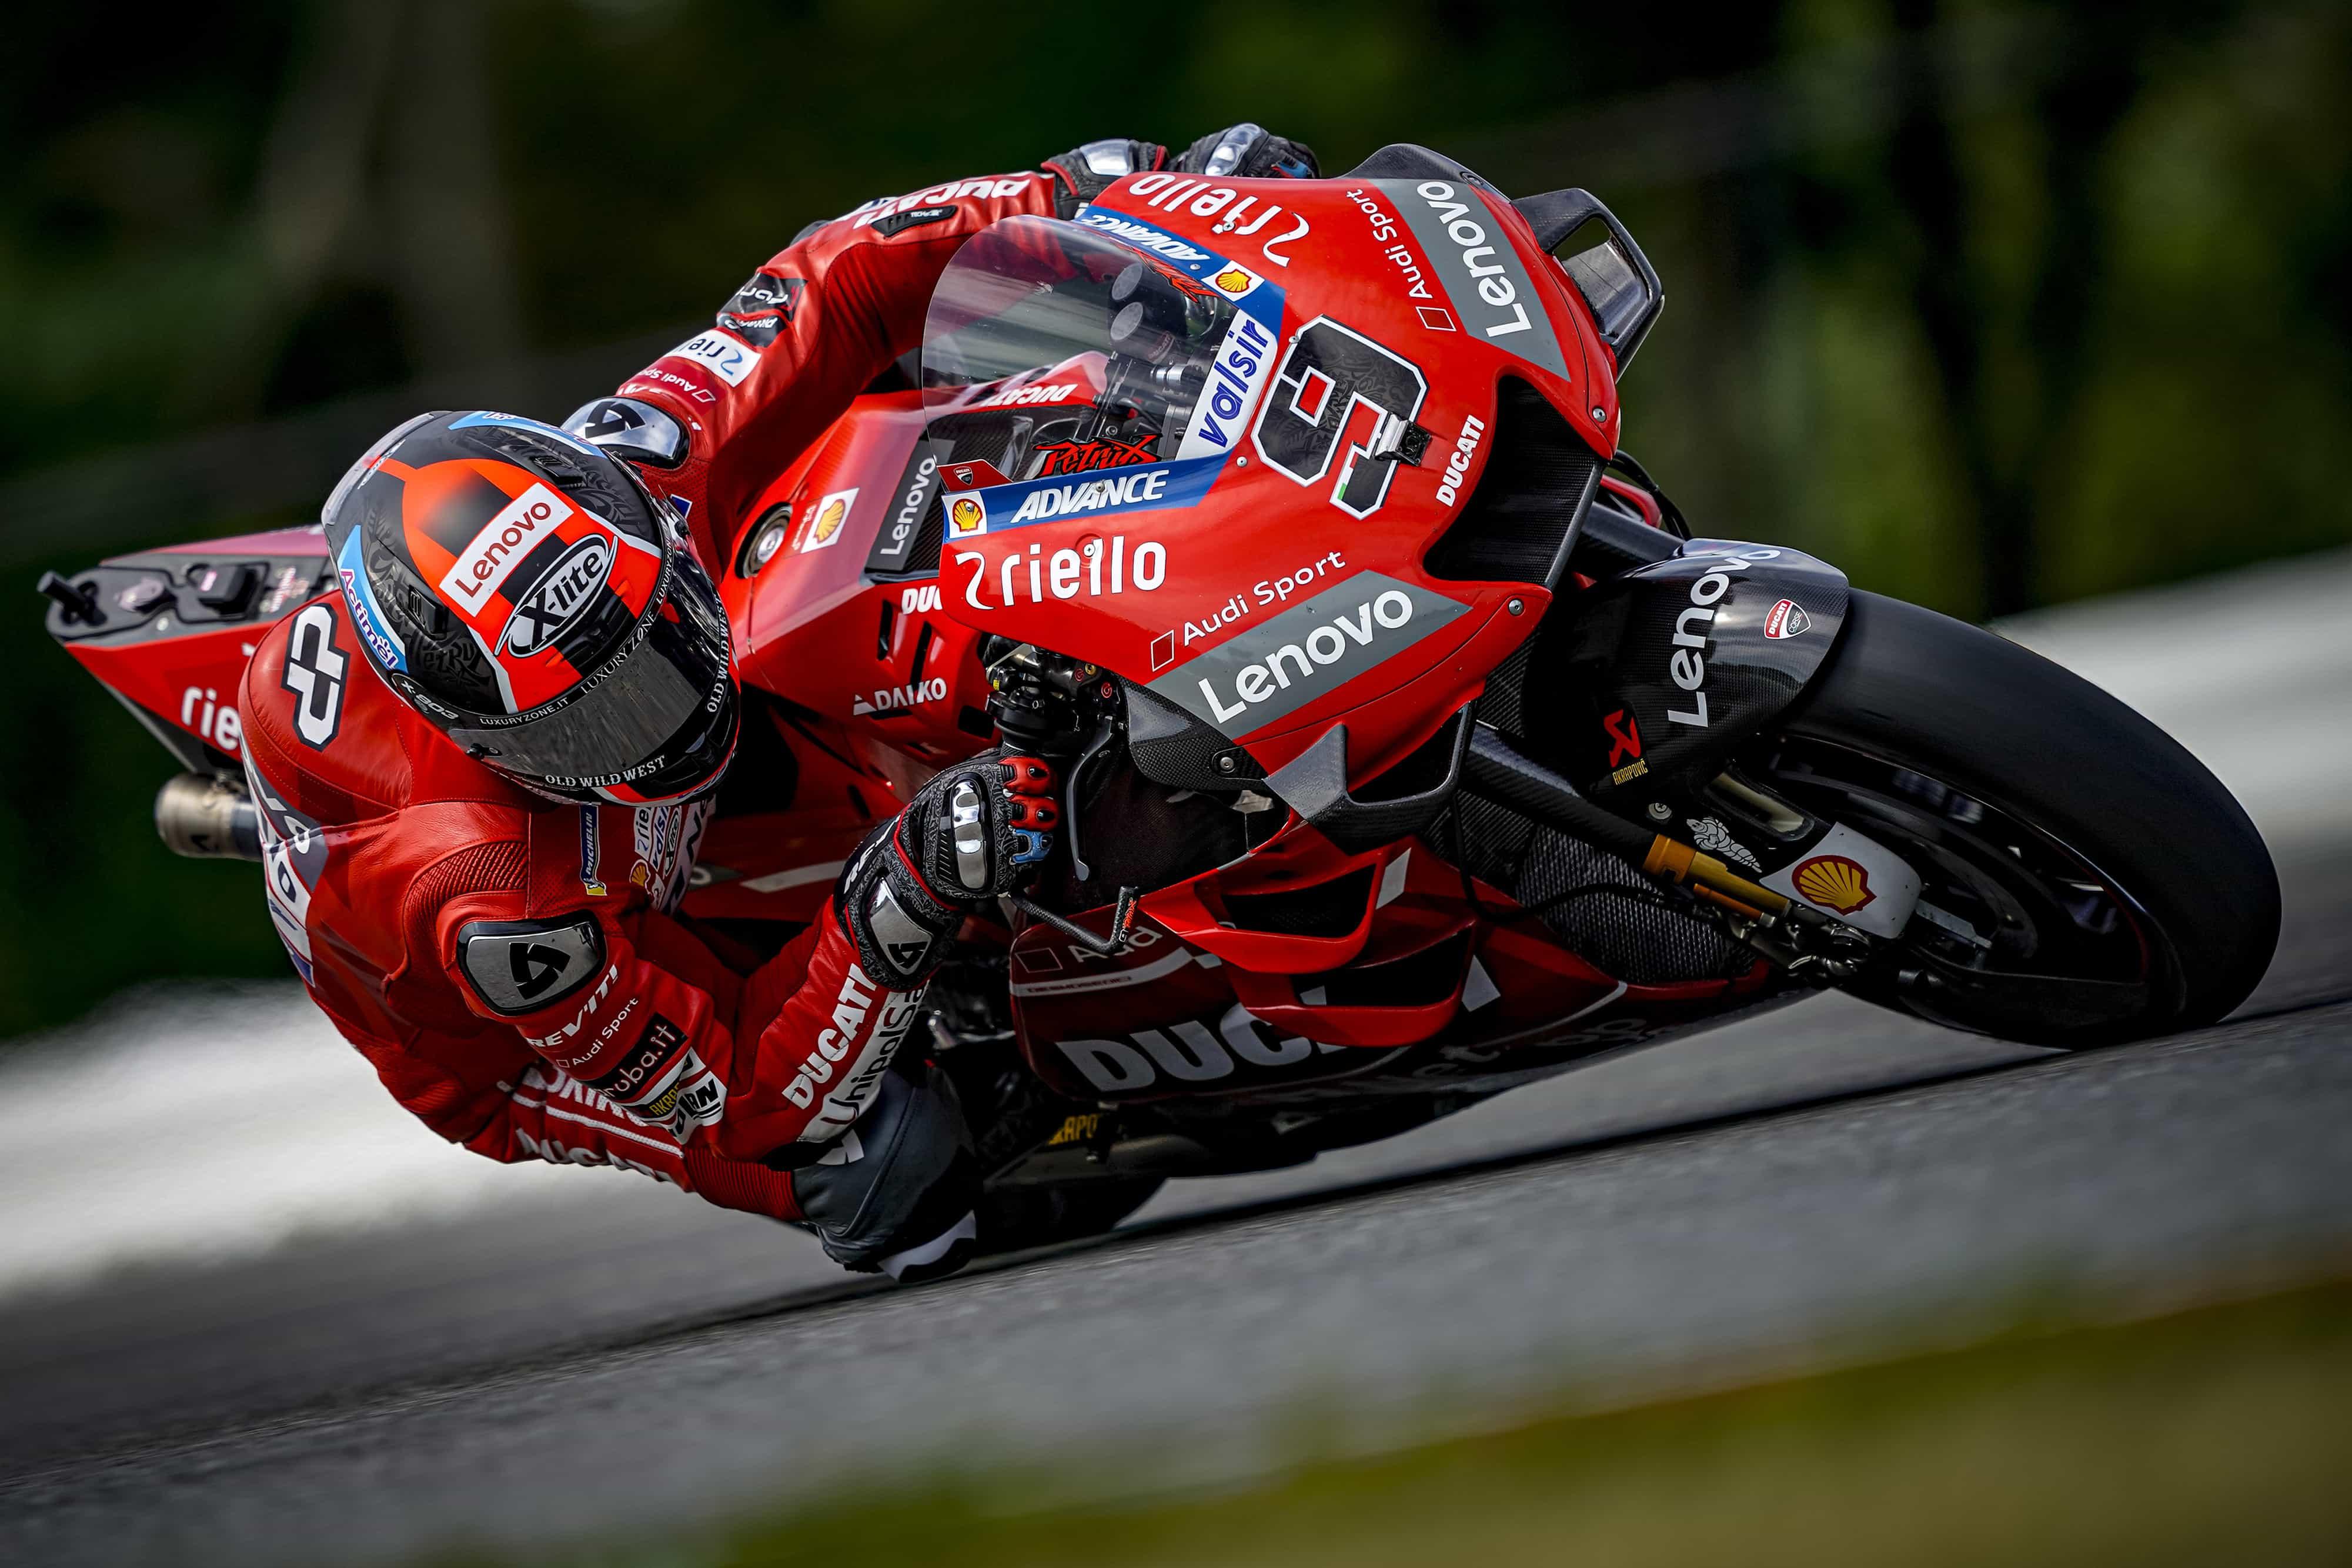 MotoGP2019ブルノテスト ペトルッチ「ターンインの部分で改善があった」